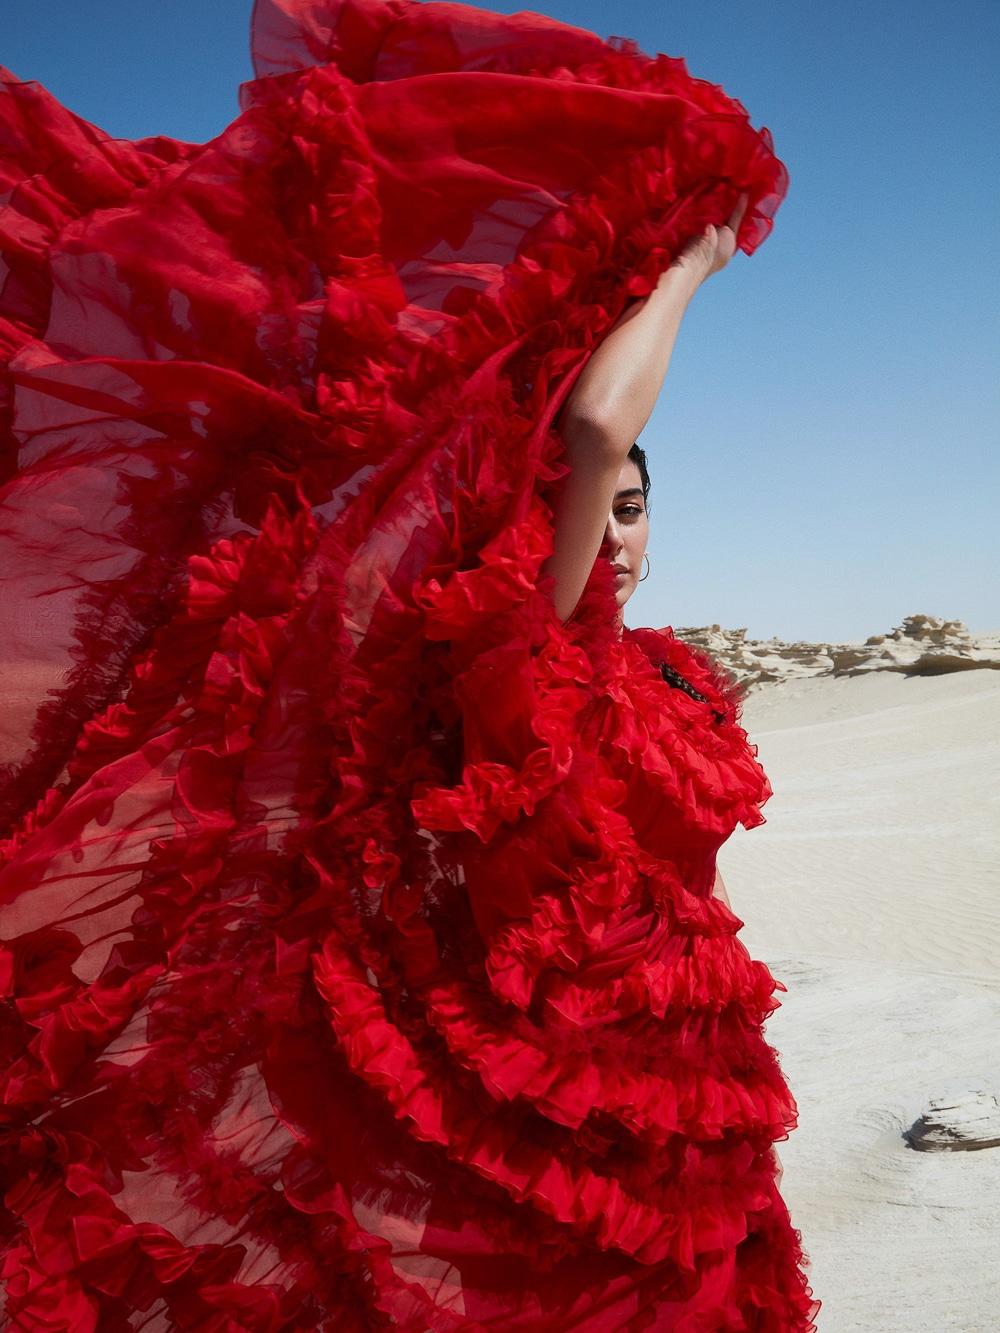 Greg-Swales-Harpers-Bazaar-Arabia-Yasmine-Sabri-4-1.jpg